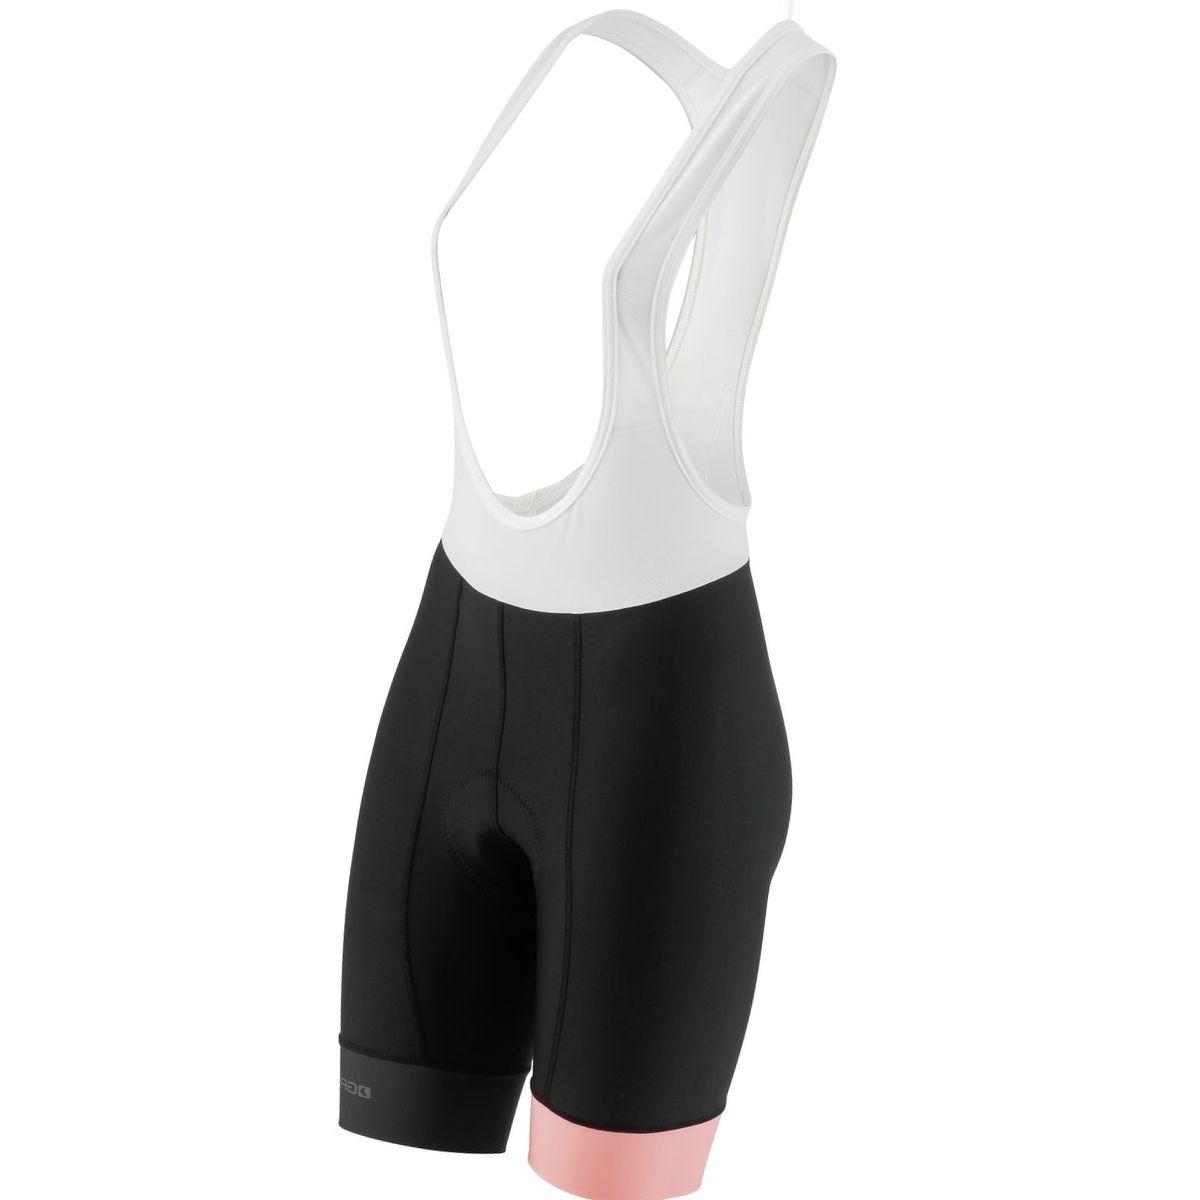 Louis Garneau Equipe Bib Short - Women's